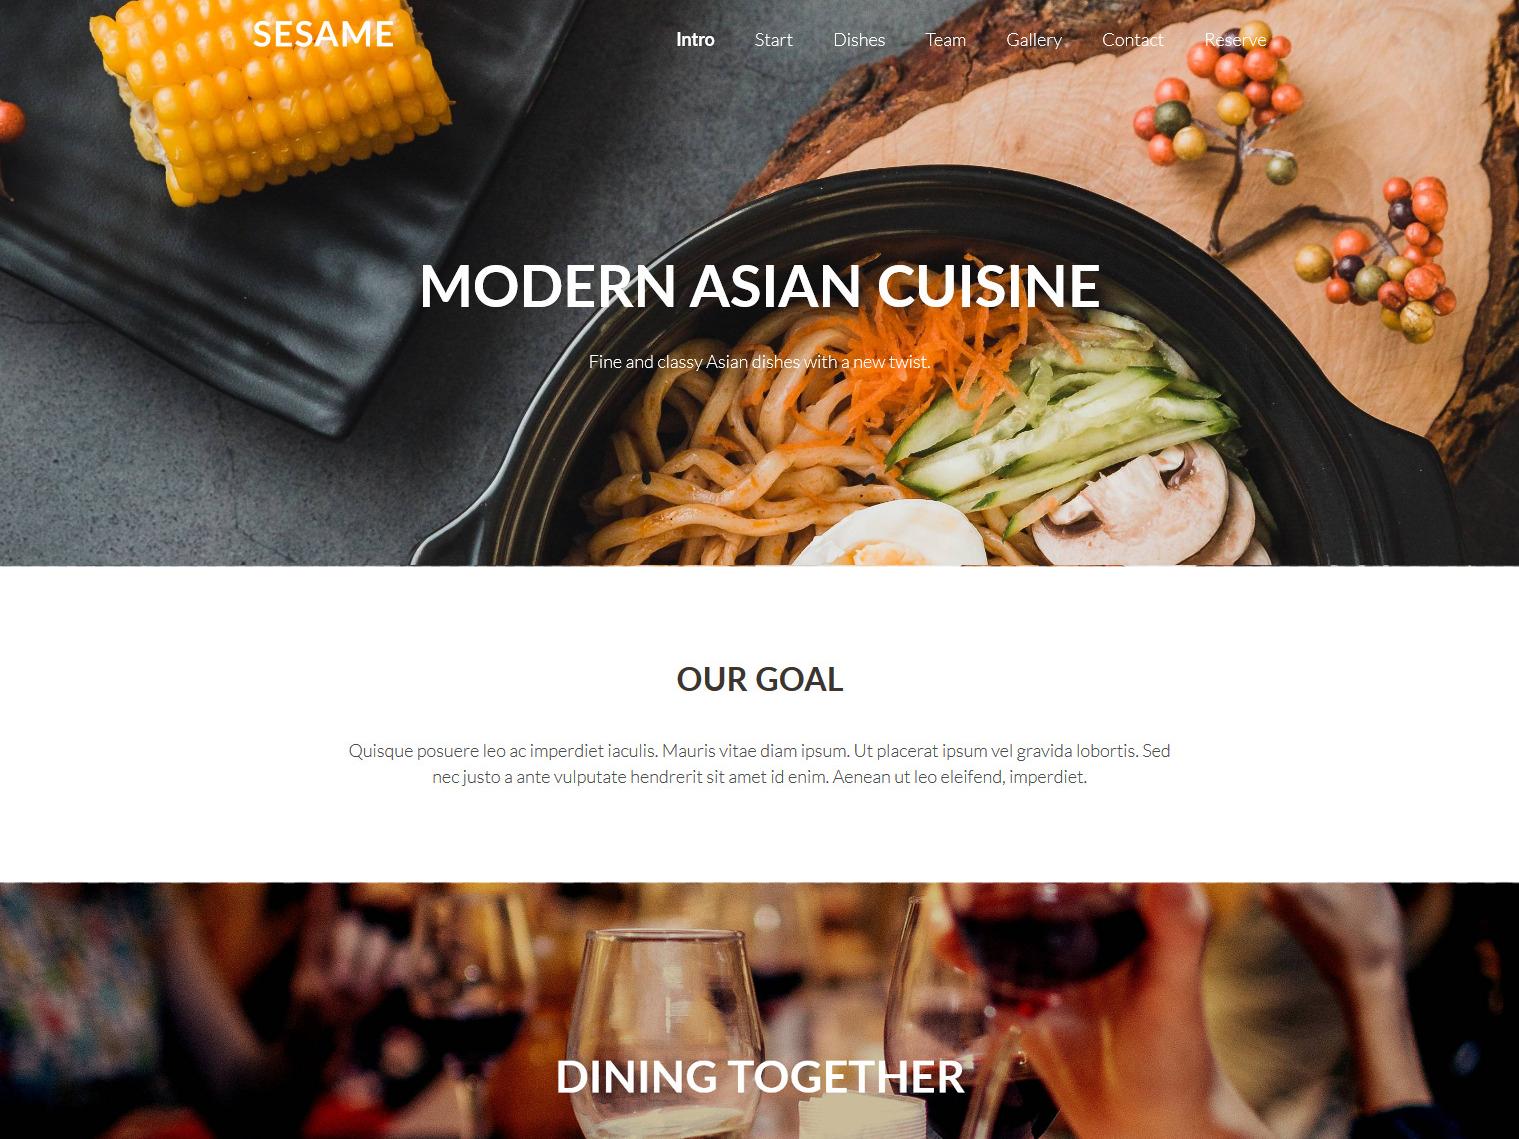 Website-Vorschau »Landingpage« des Templates »Sesame Pro«